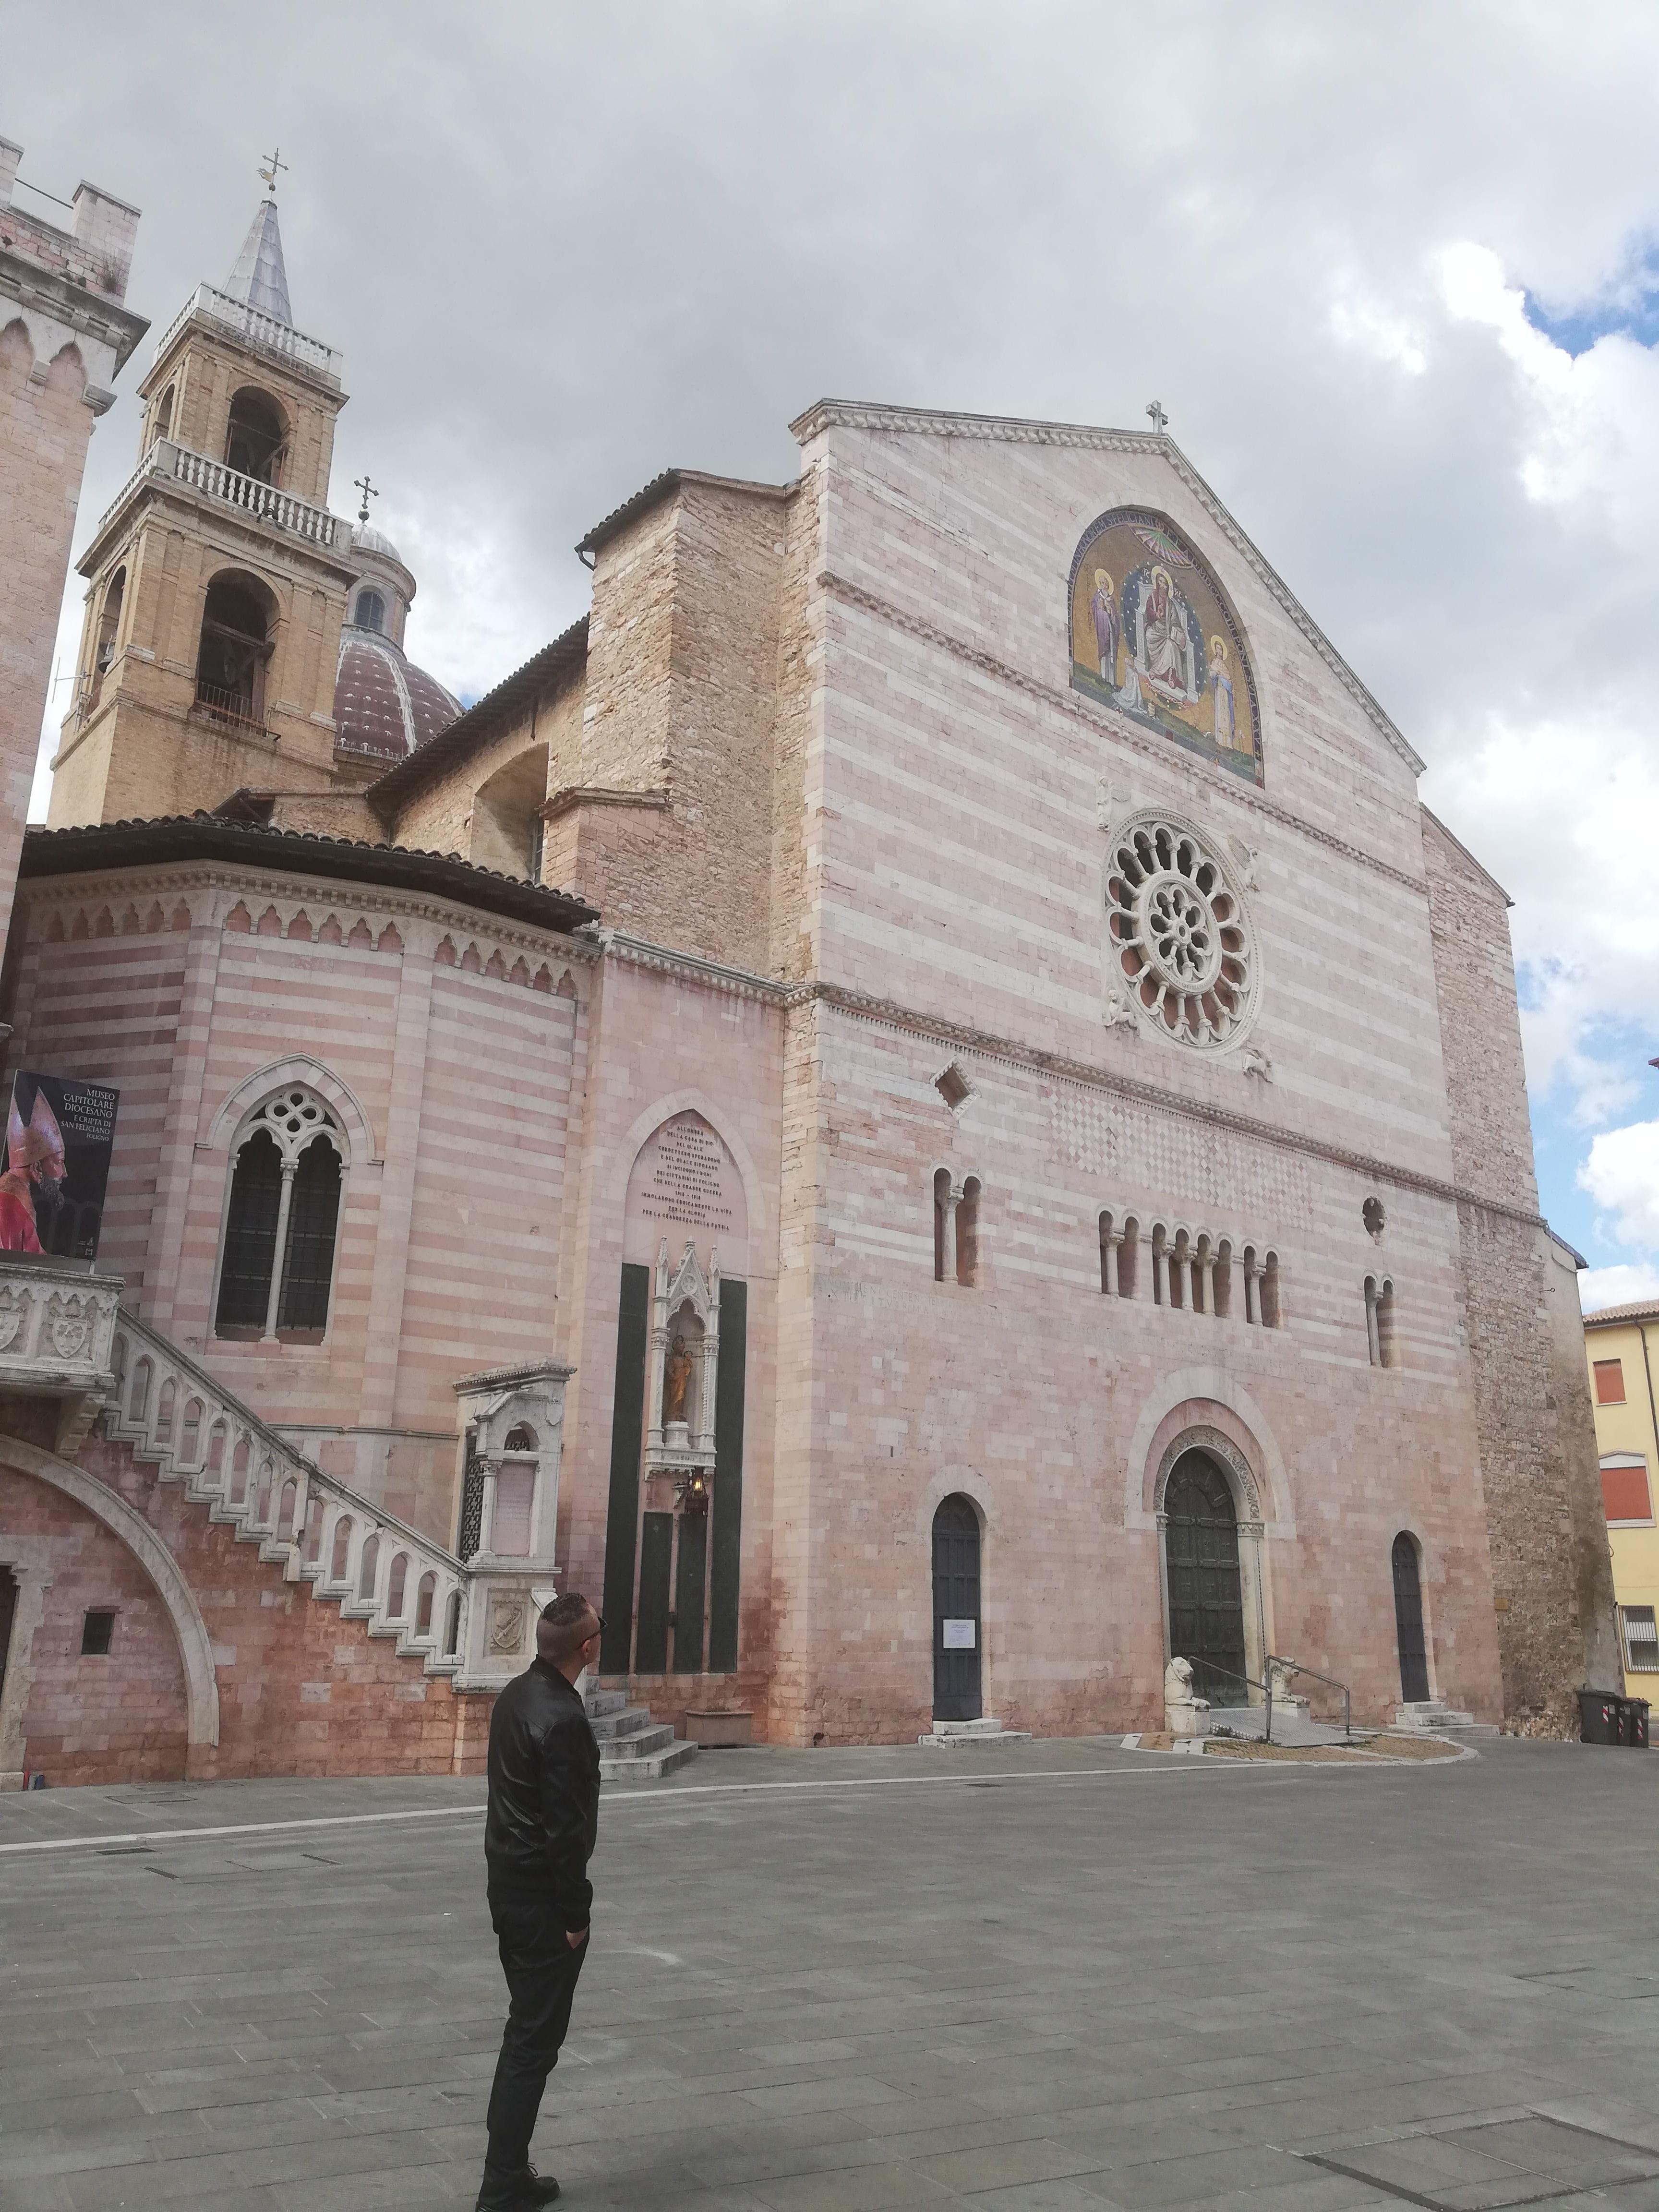 Cattedrale di San Feliciano Umbria